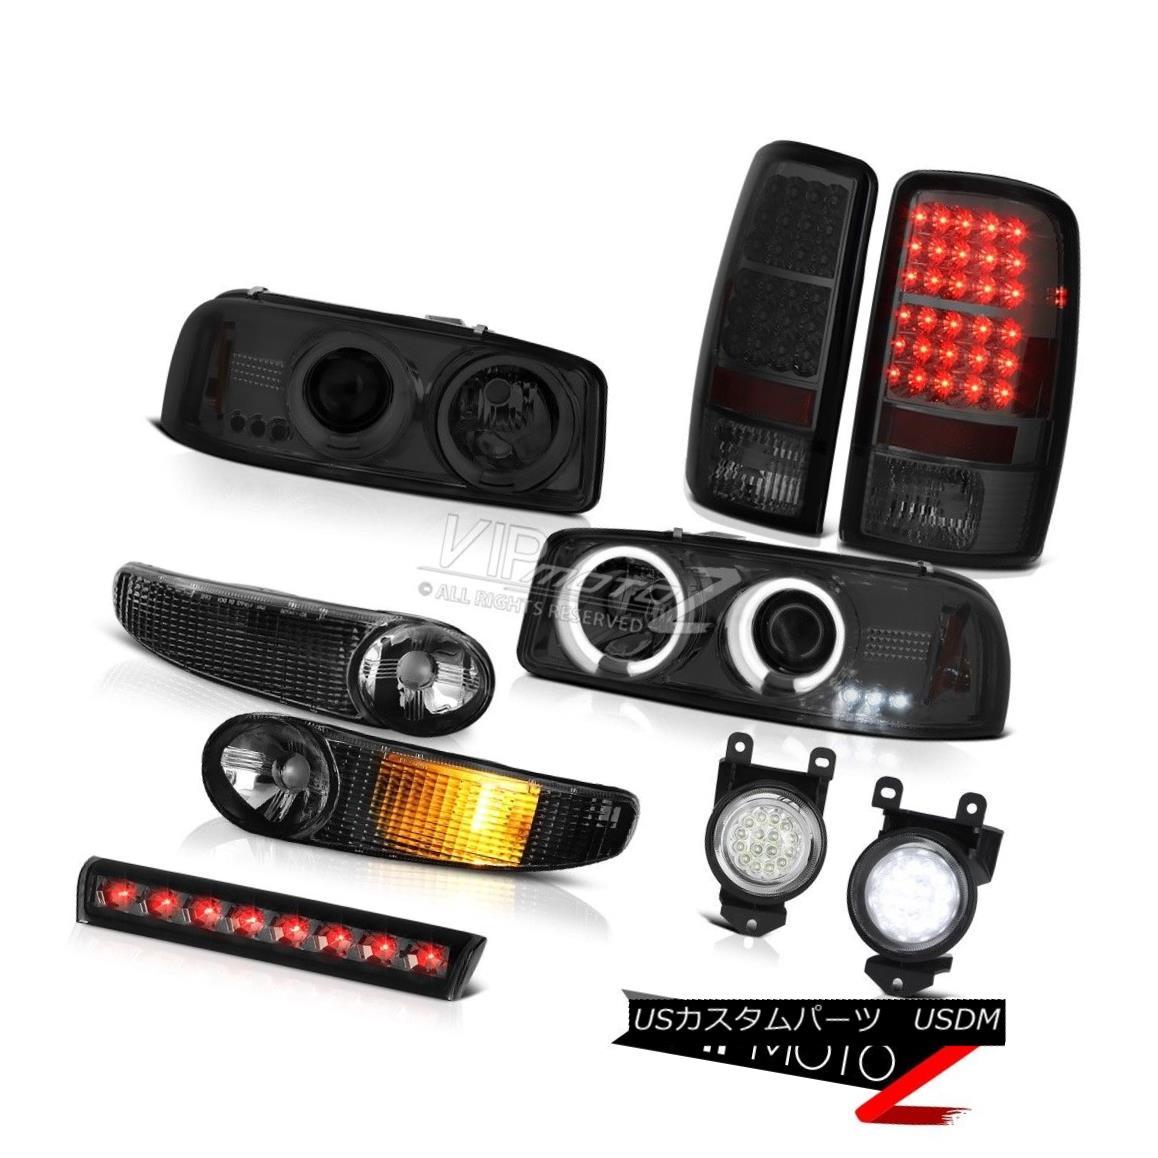 ヘッドライト CCFL Headlight Signal Brake Tail Light Fog LED 01 02 03 04 05 06 Yukon Denali CCFLヘッドライト信号ブレーキテールライトフォグLED 01 02 03 04 05 06ユーコンデナリ